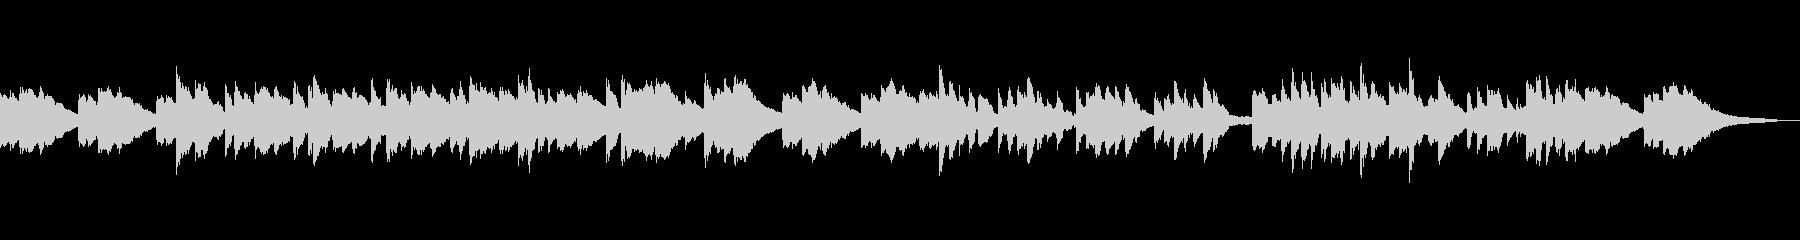 悲しいシーンに使えるピアノソロバラードの未再生の波形